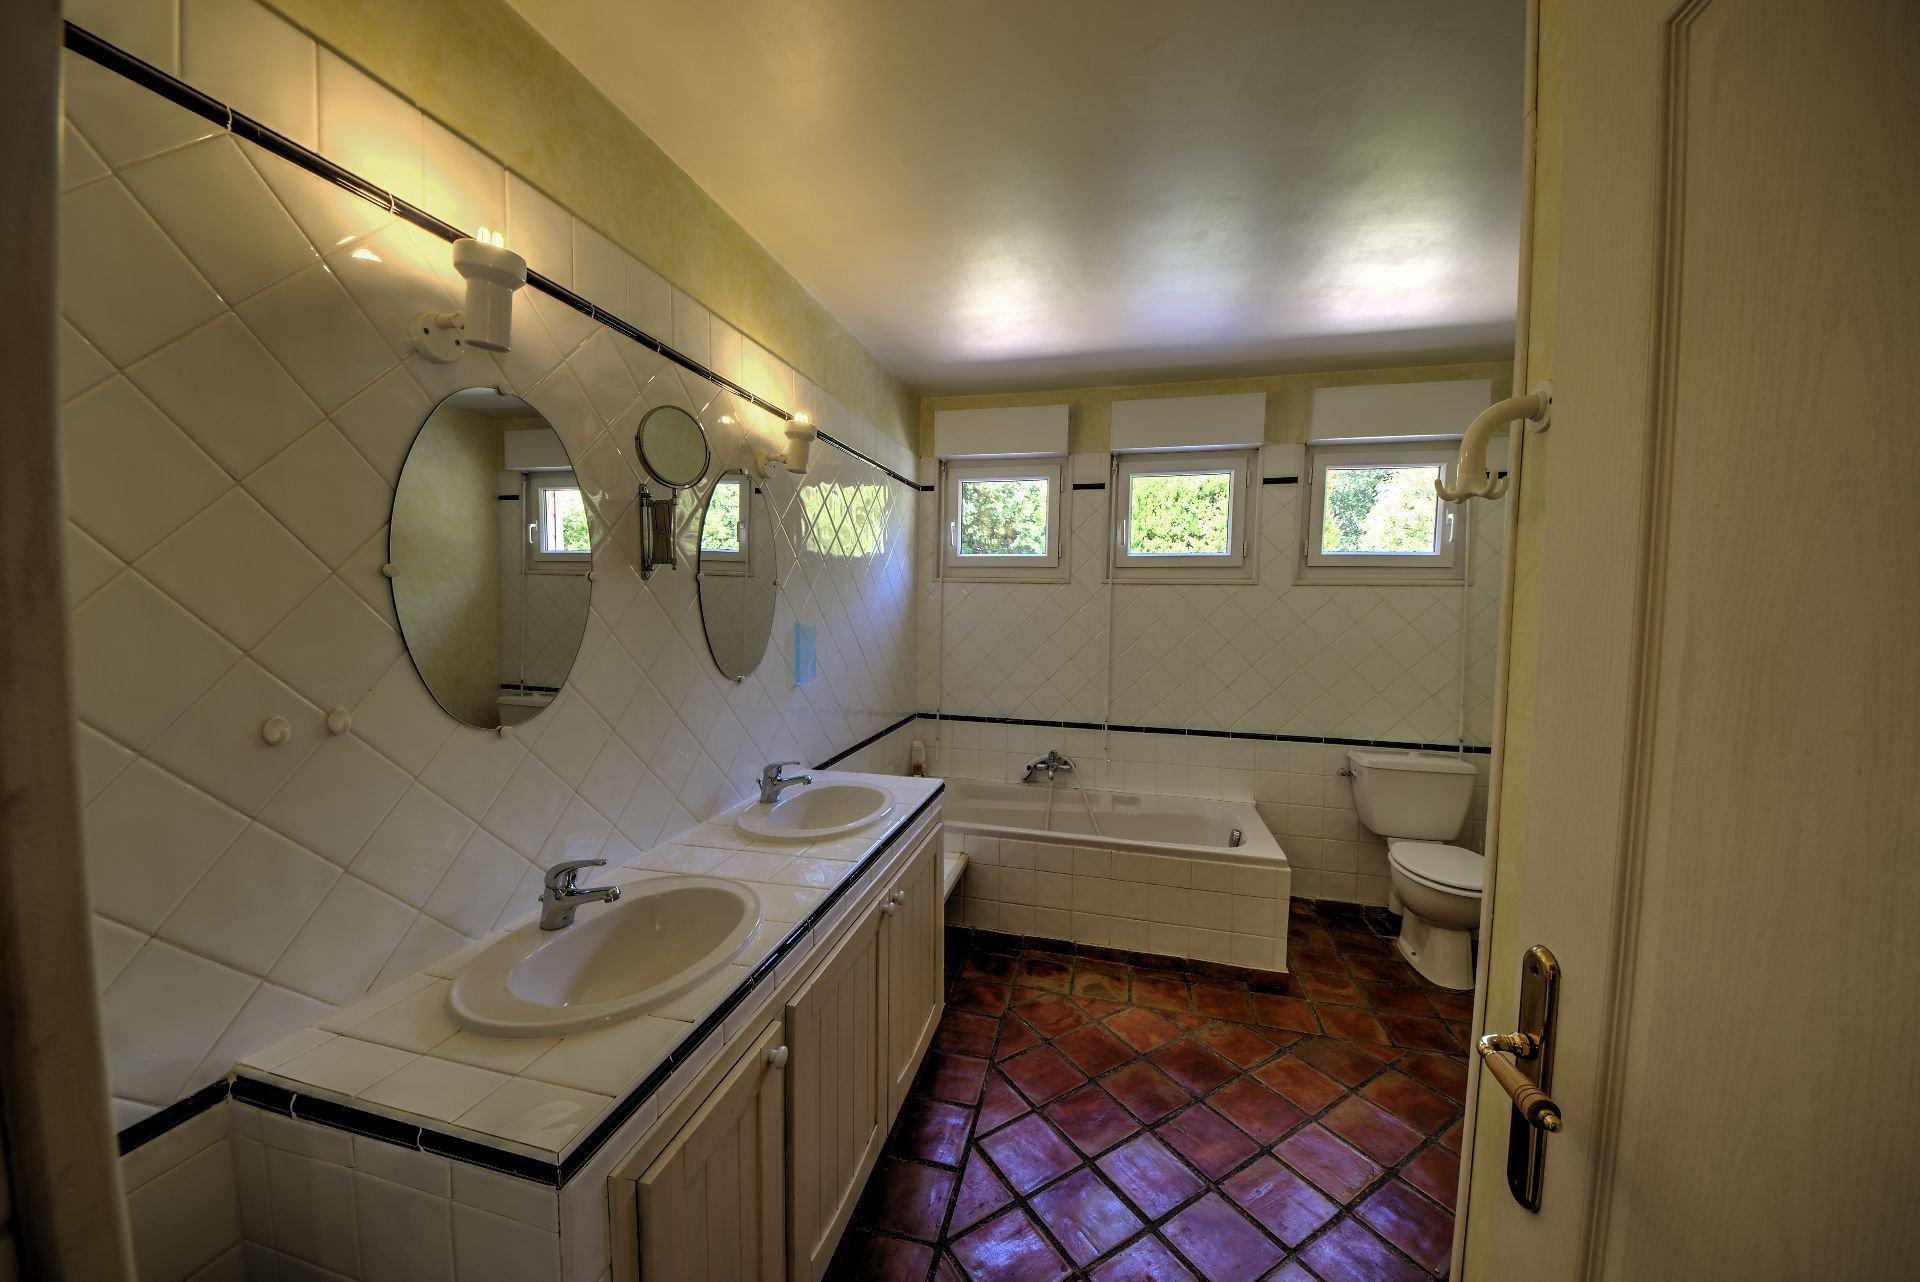 Salle de bains de Maison à ossature bois HPE, 180 m², 5 ch, piscine, Aups, Var, Provence, Paca